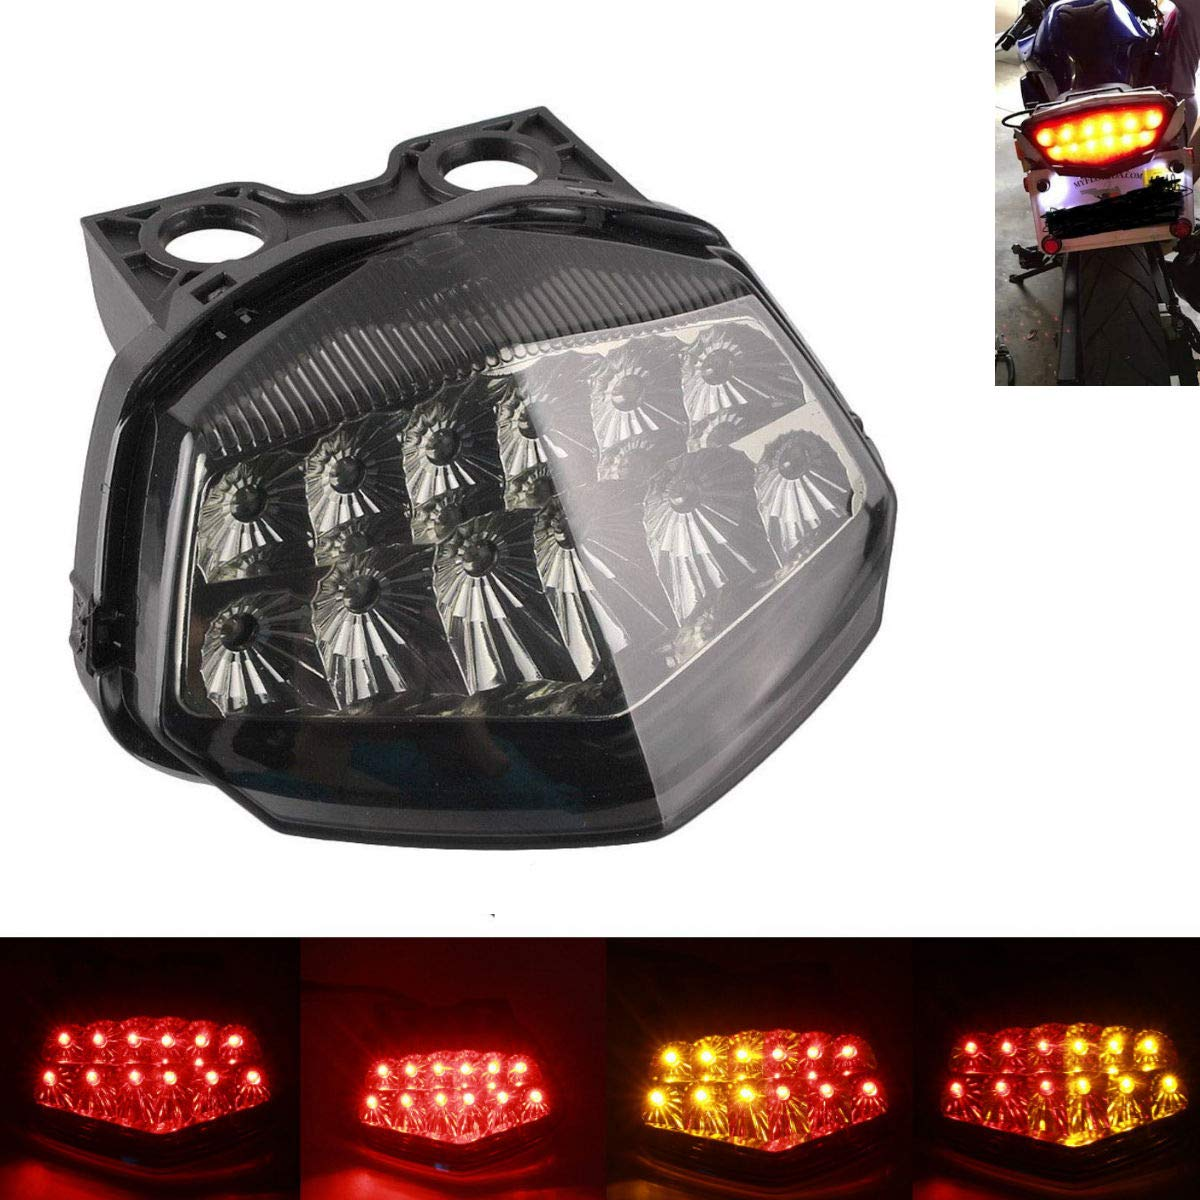 Motoparty For KAWASAKI EX250R NINJA 250R KLX250S KLX250SF VN650 Vulcan S Front//Rear Turn Signal Indicator Light Blinker Lamp Motorcycle,Smoke Shell